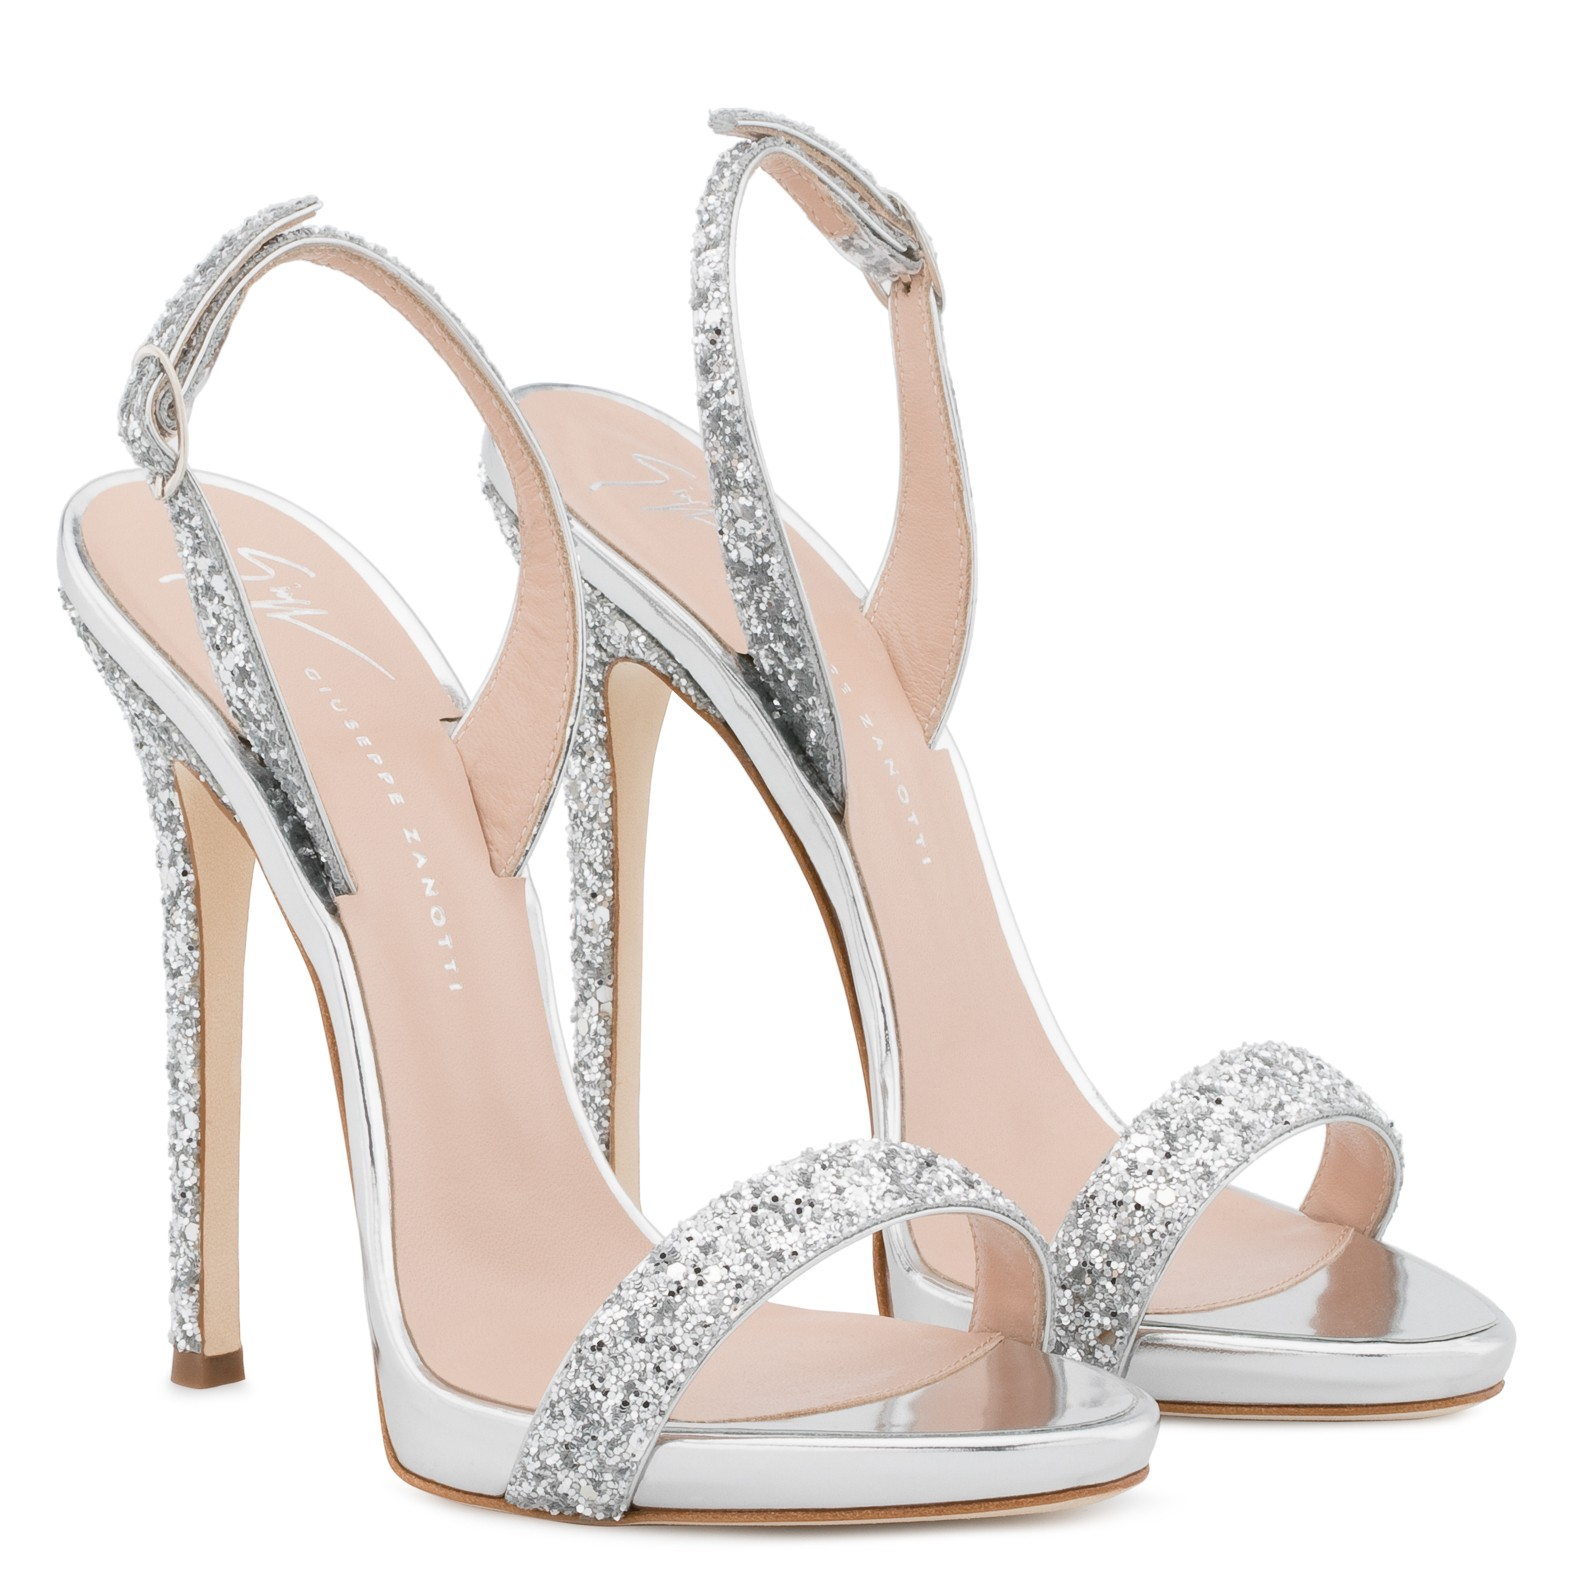 scarpe da cerimonia estate 2018 Sandali gioiello argento con tacco e plateau Giuseppe Zanotti